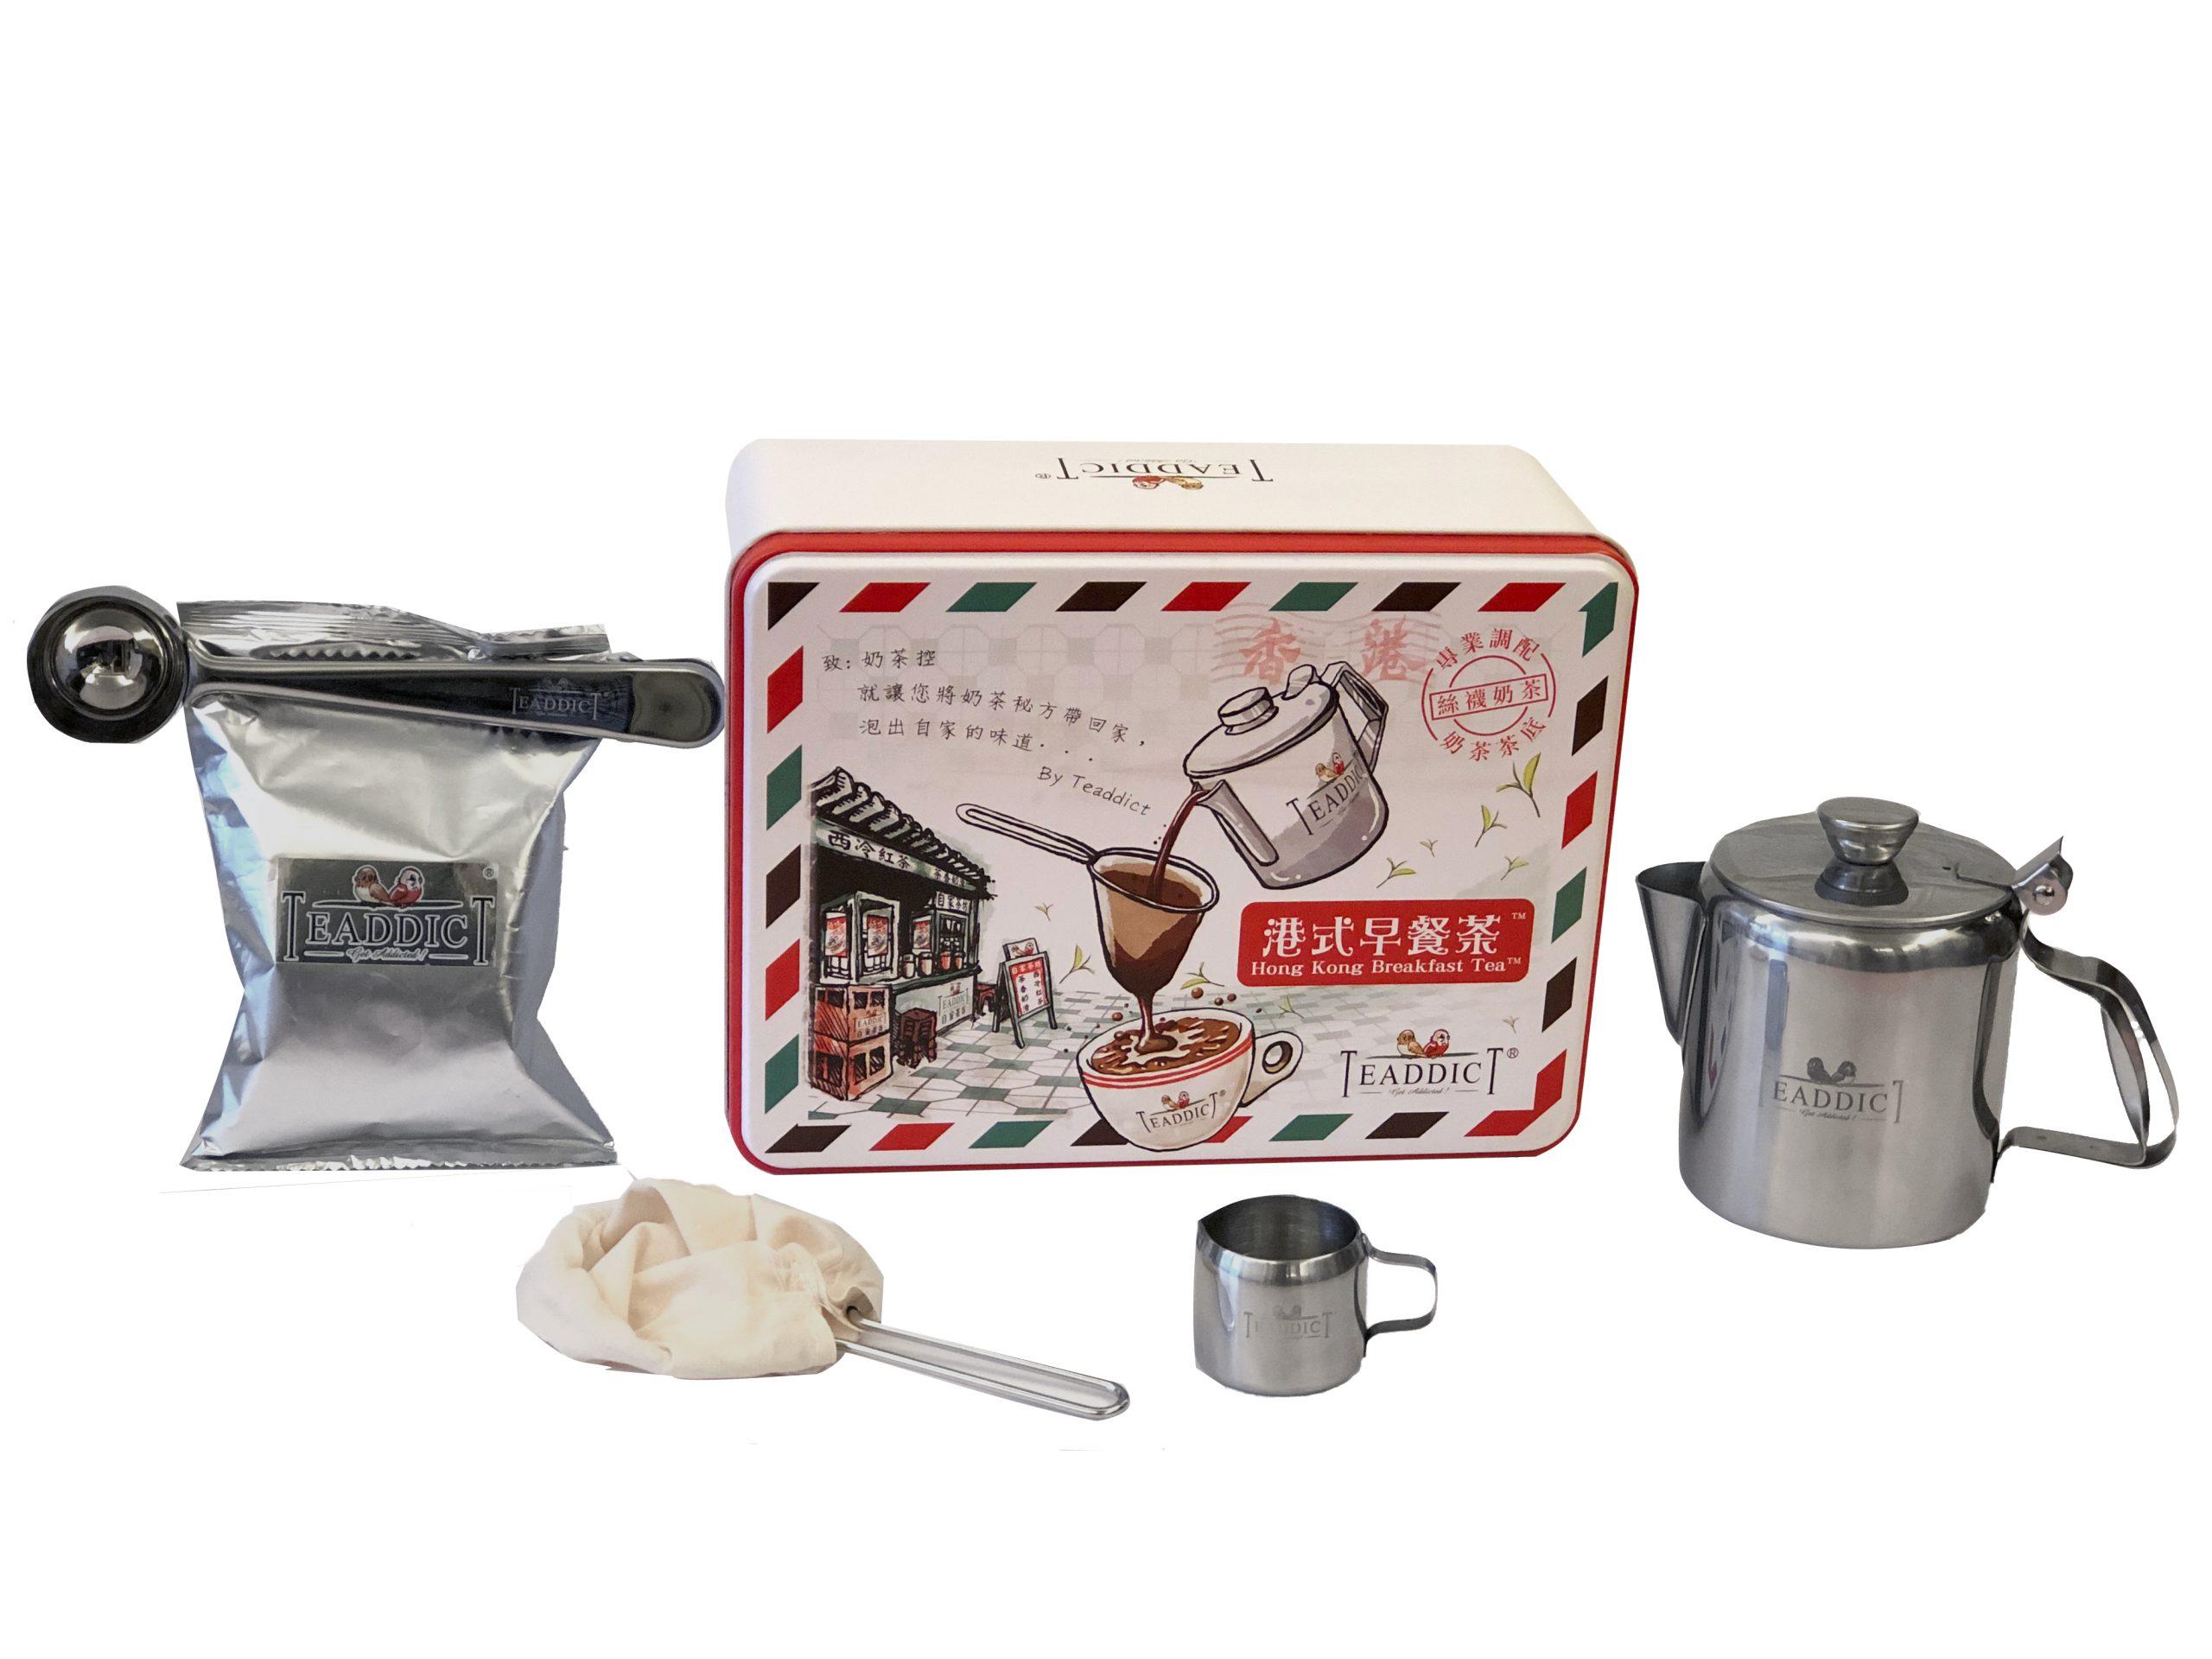 香港人 移民 移民禮物 Teaddict 港式奶茶 港式早餐茶DIY套裝